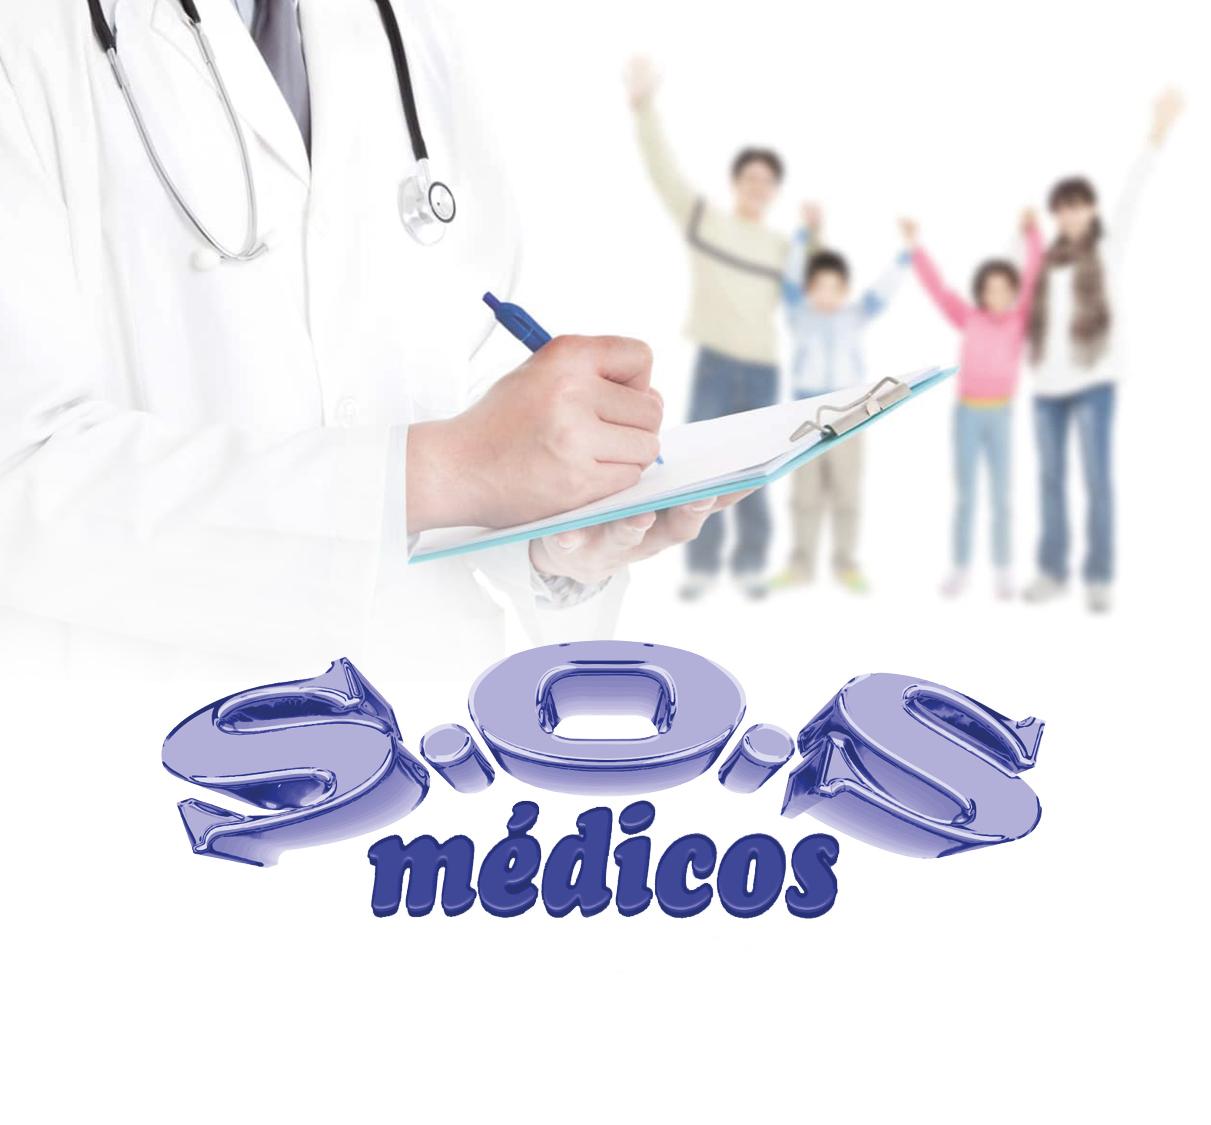 Medicina-Geral-E-Familiar-SOS-Medicos-Tavira